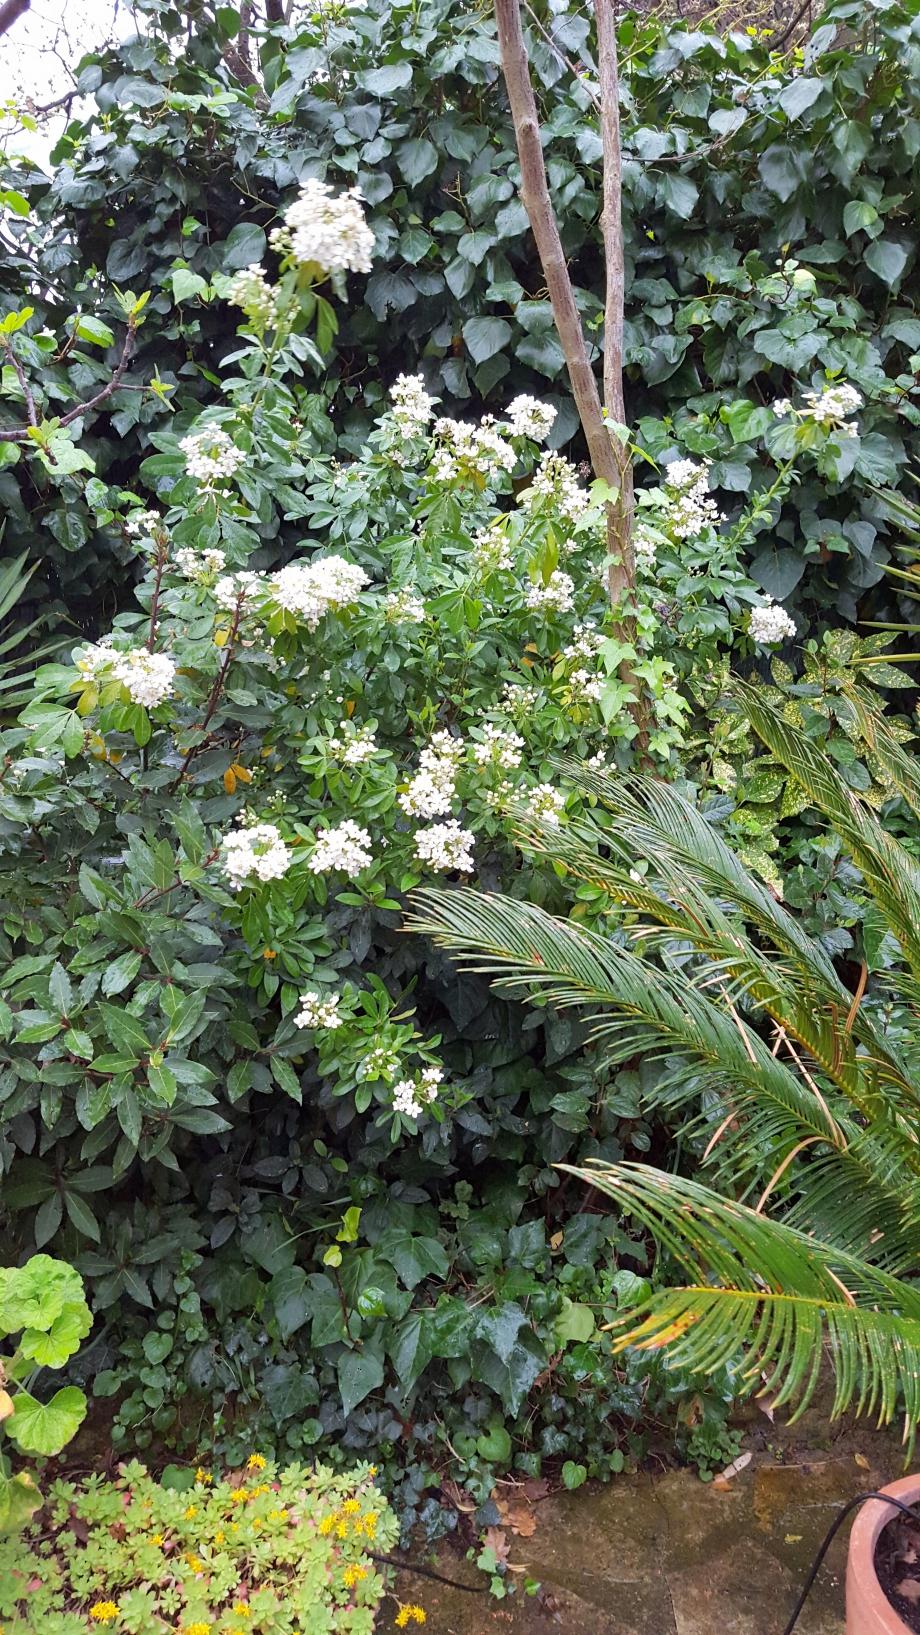 Oranger du Mexique en fleurs 1 avr 16.jpg